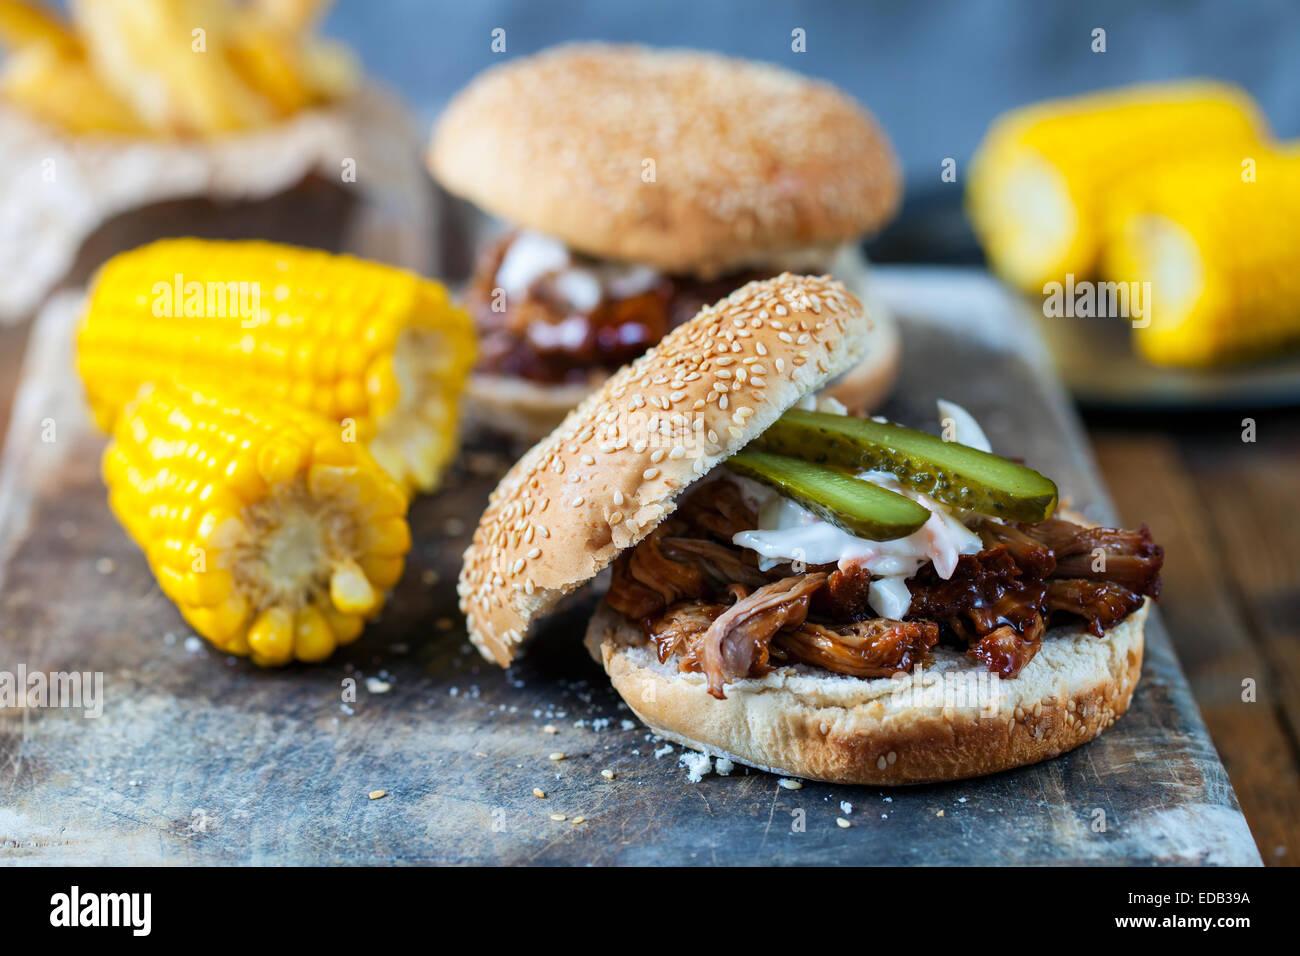 Burger con estratto di carne di maiale, granturco dolce e trucioli Immagini Stock